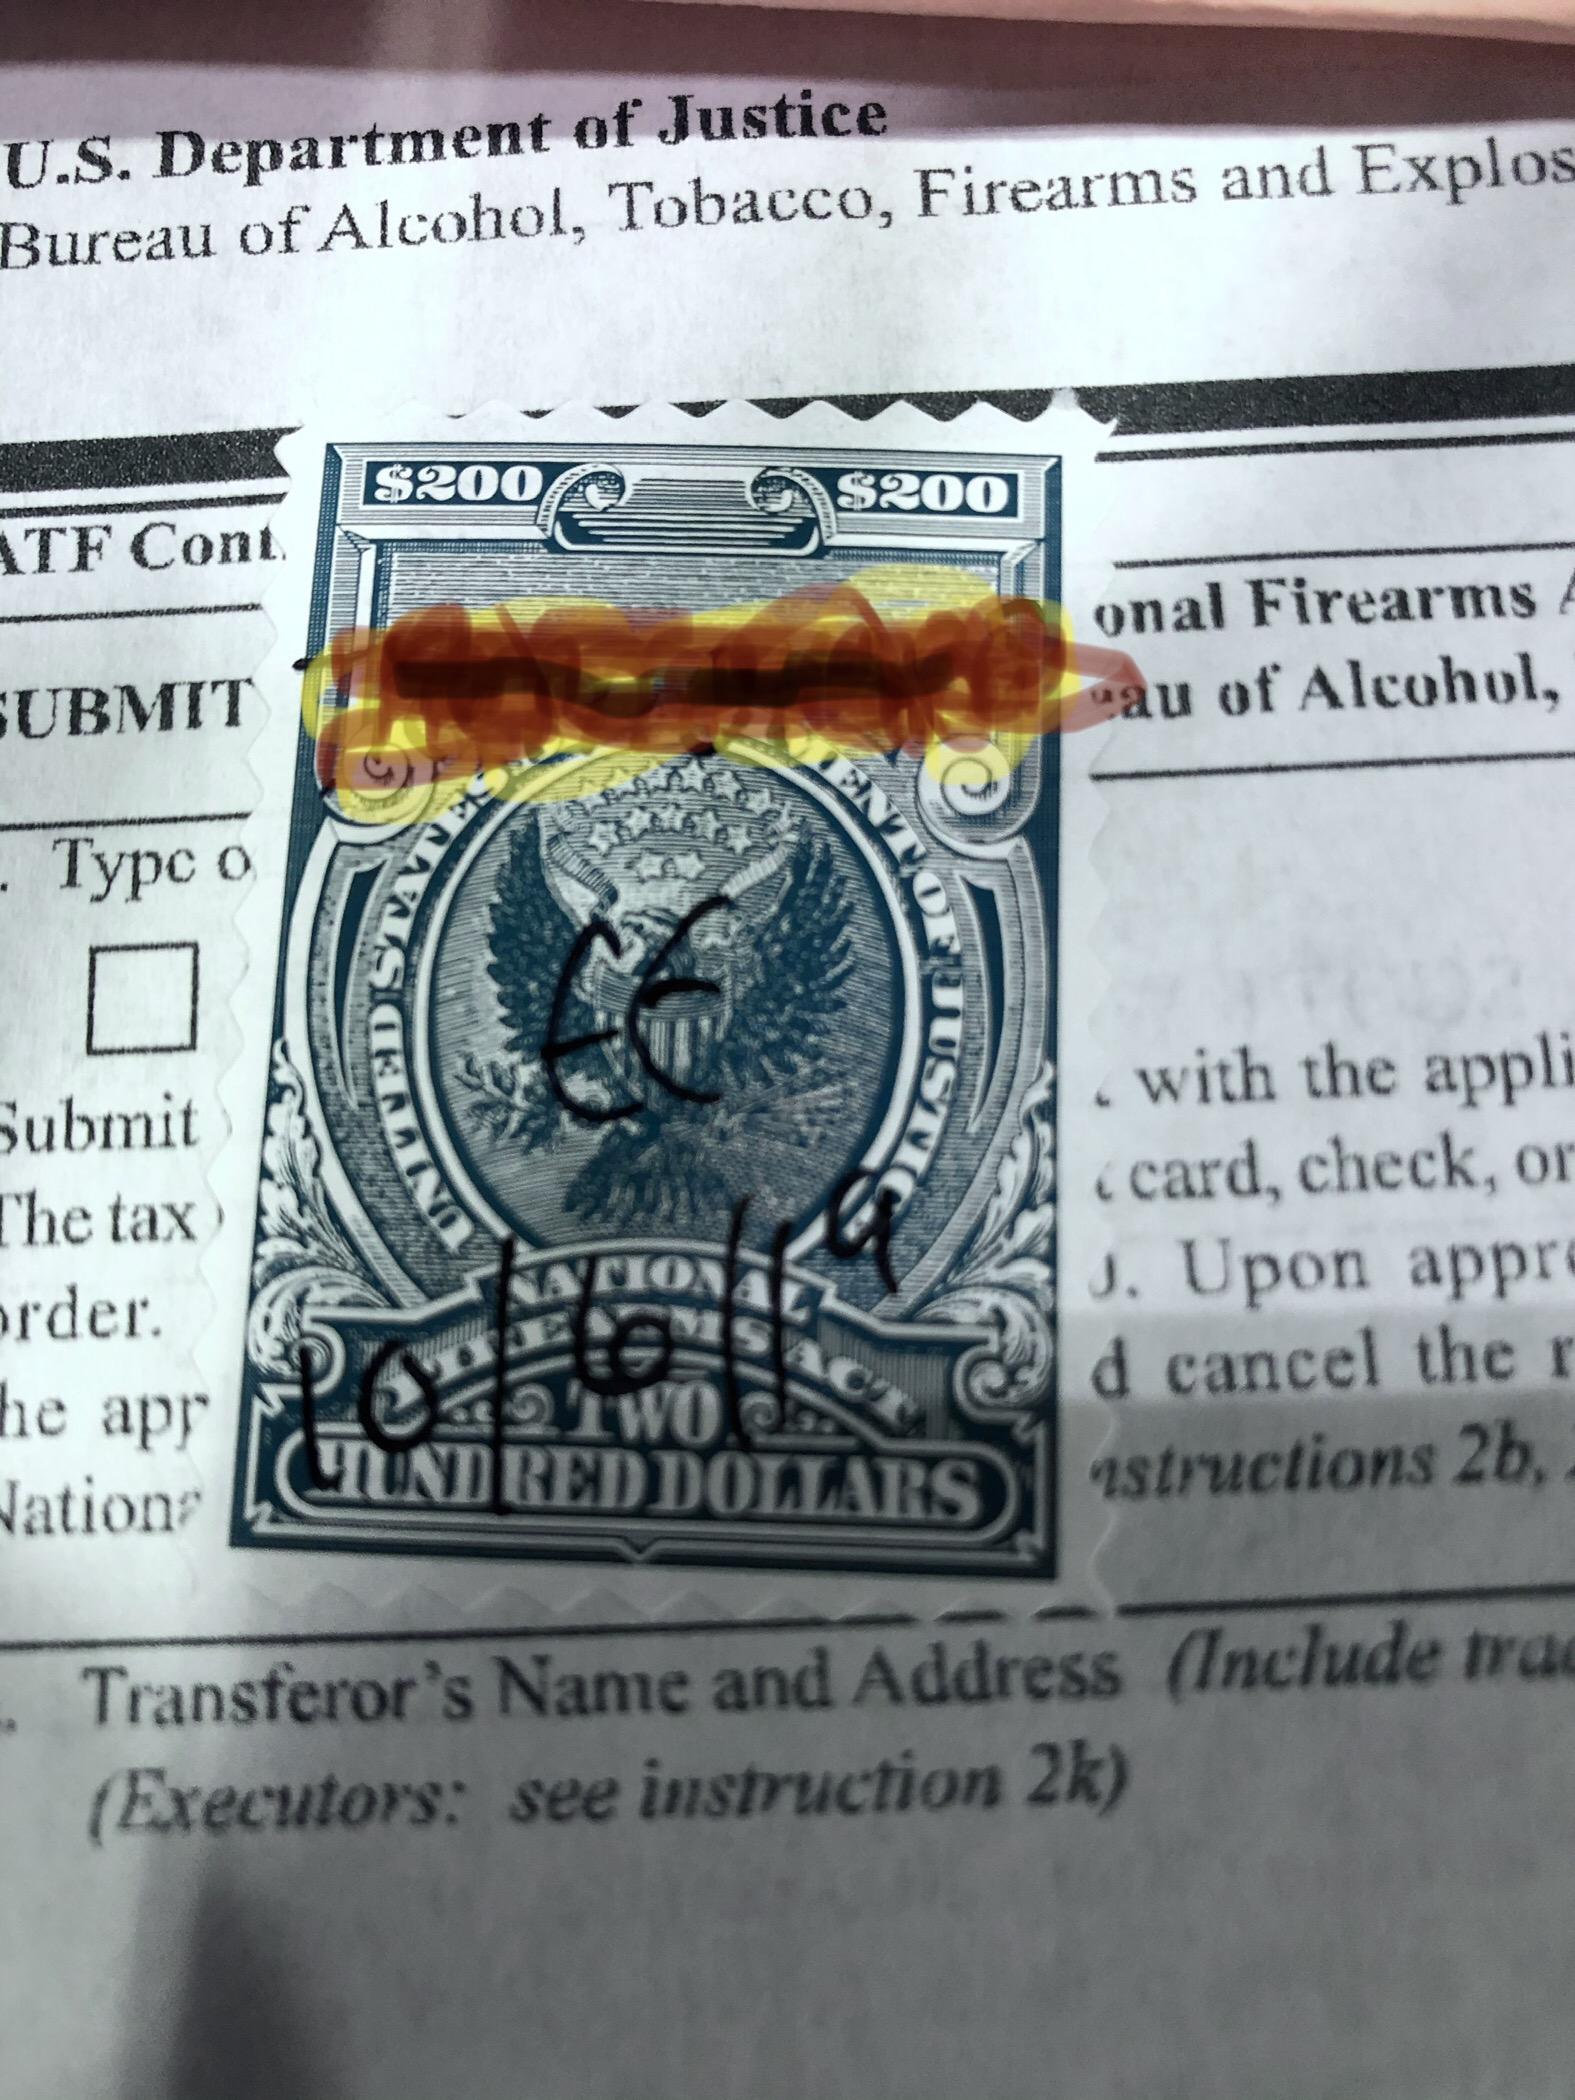 NFA tax stamp in 75 days (Z5RS)-edeb9ff4-f2ff-4c14-ad7a-c2f943c1cd85_1571515289018.jpeg